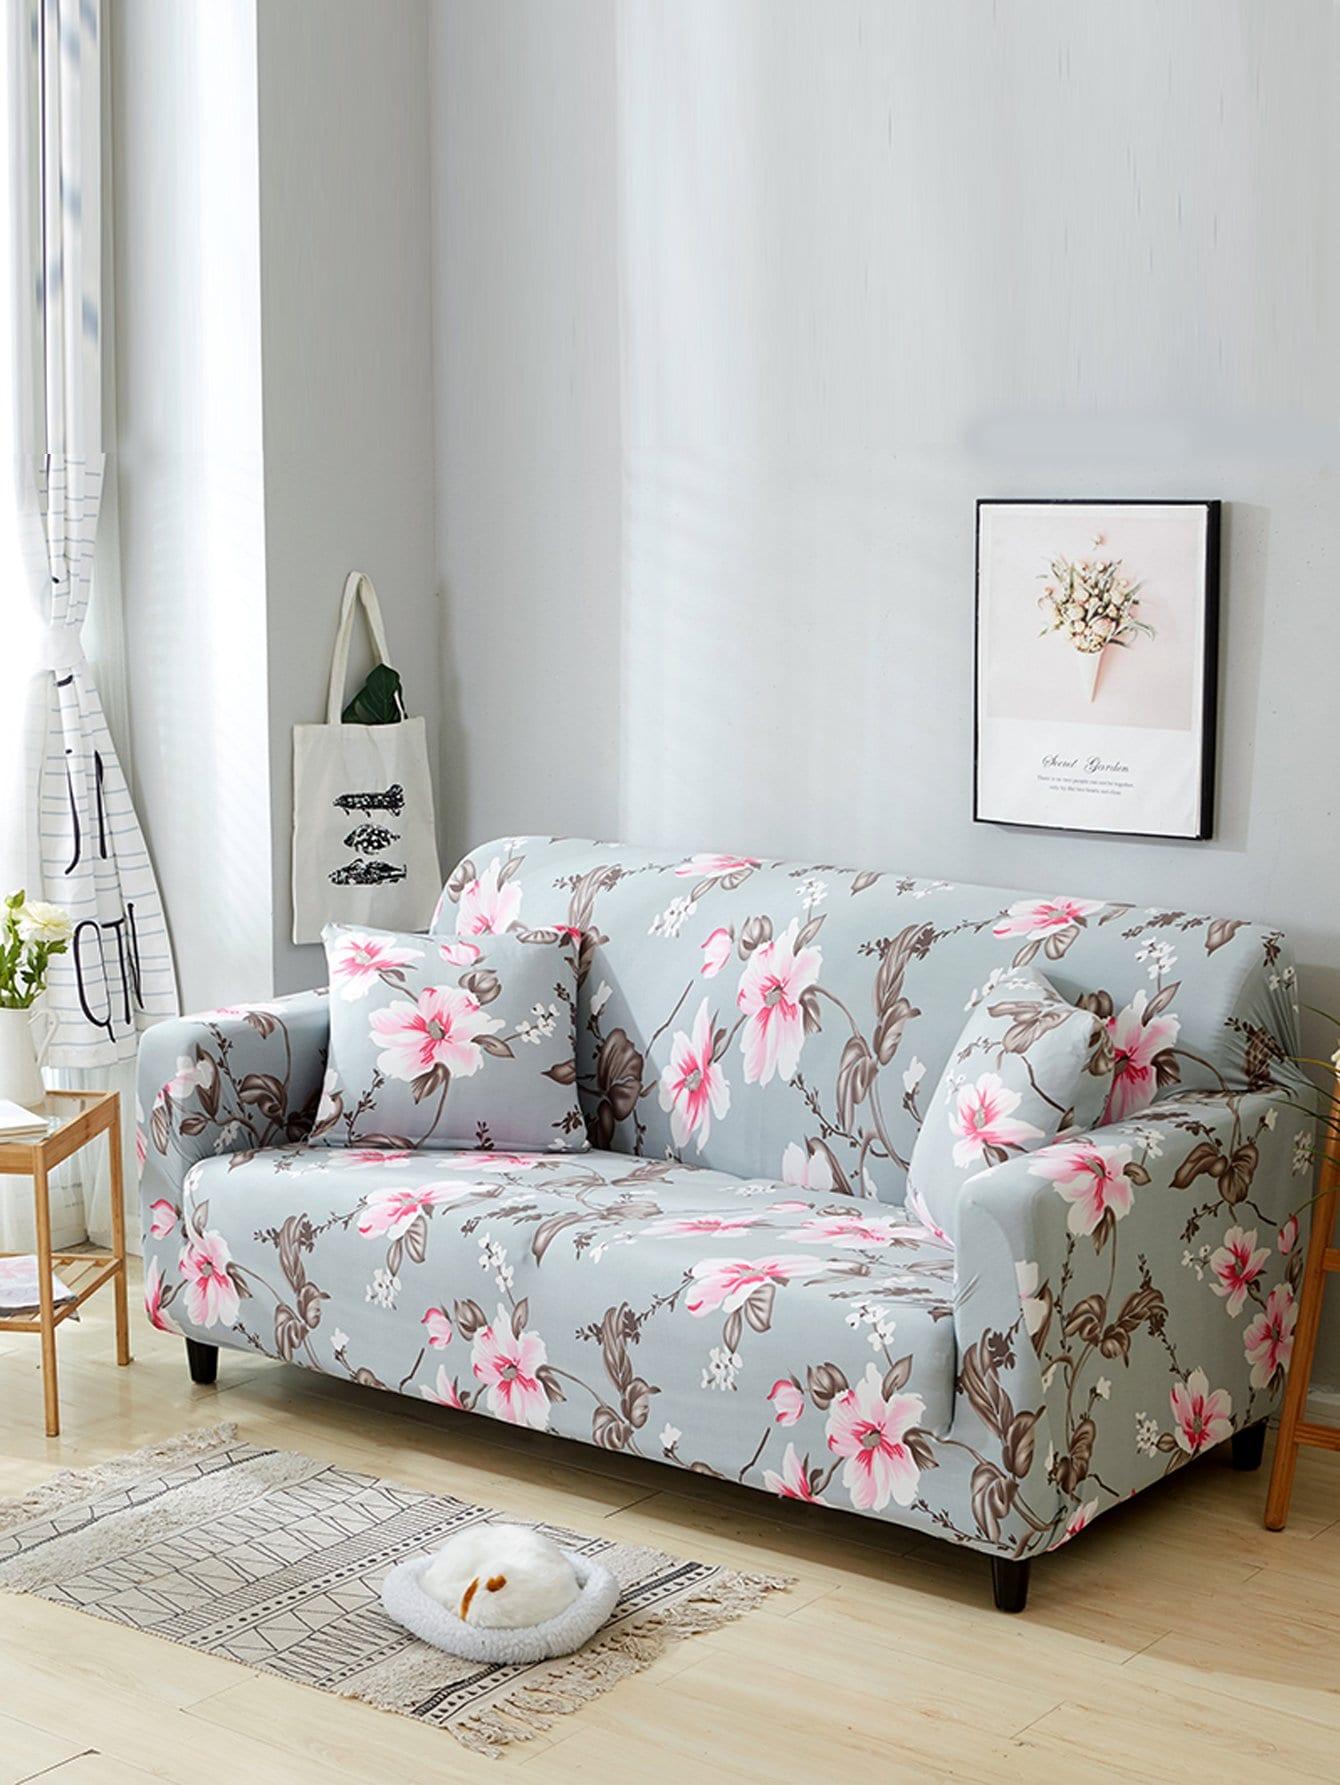 Купить Эластичный чехол для дивана с рисунками цветов и чехол для подушки 1 шт, null, SheIn